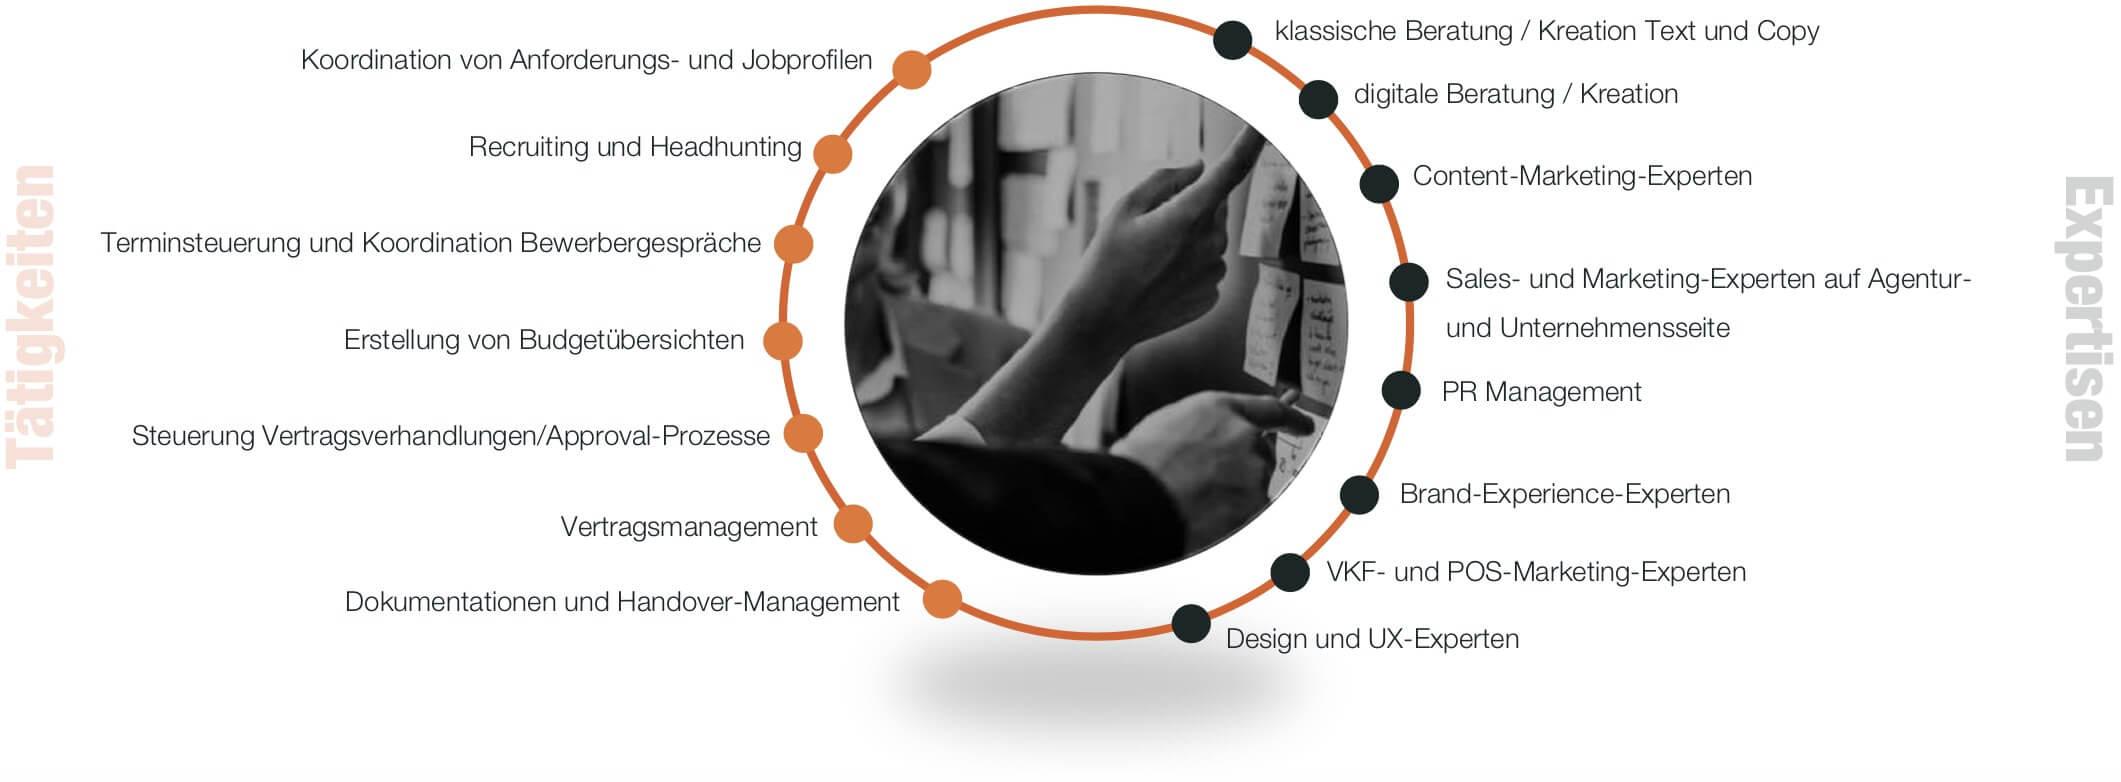 Infografik Personalentwicklung